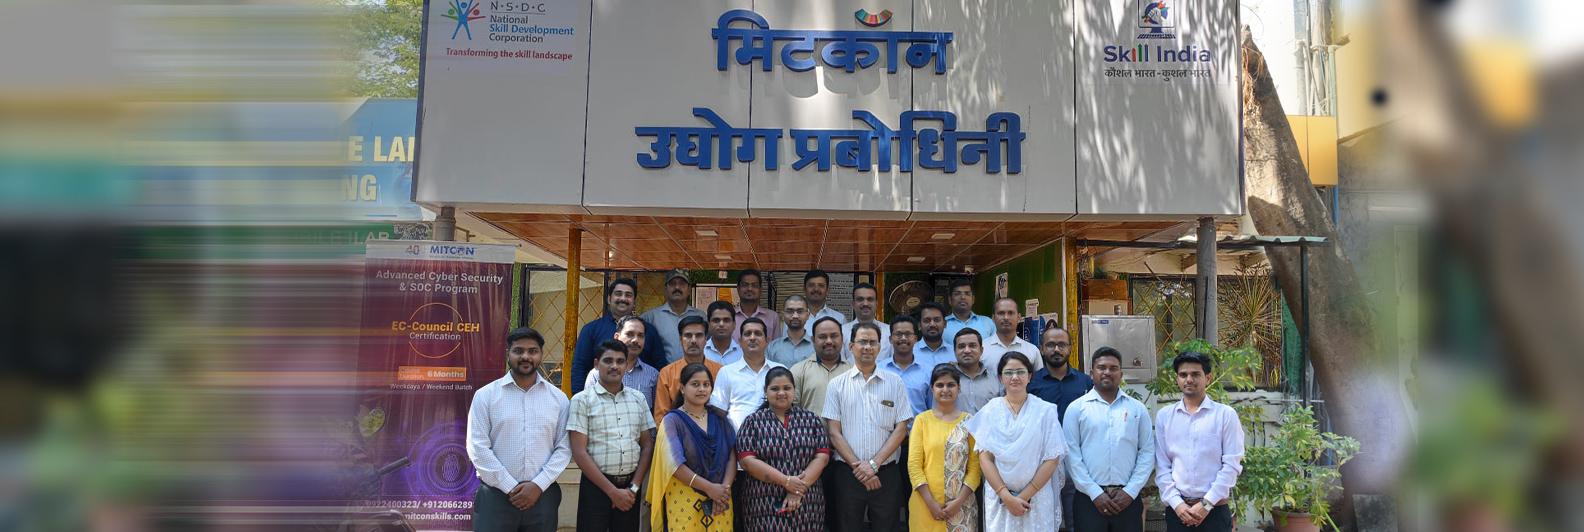 MITCON Centre for CSR & Skill Development